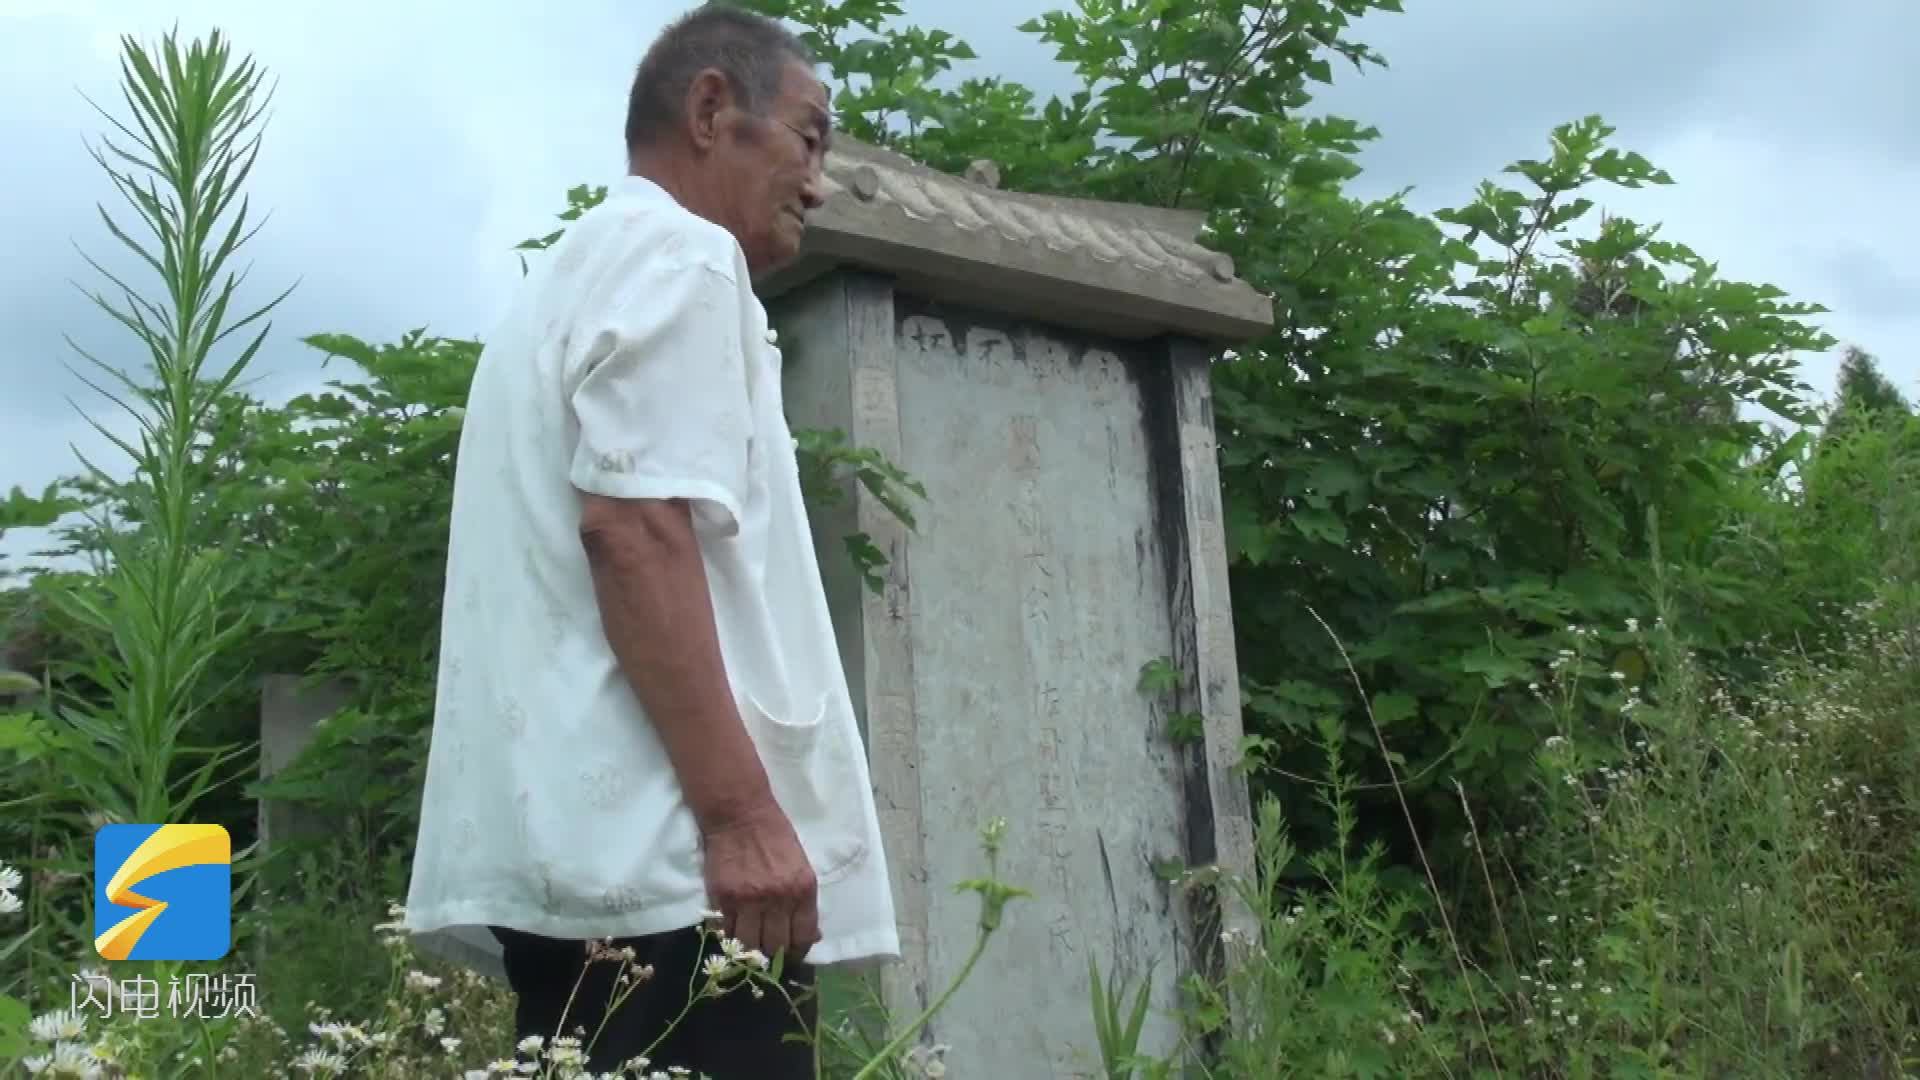 """让思念发光 帮烈士回家 儿子修建衣冠冢 曾被误认为无名烈士的刘佐周""""回家""""了"""